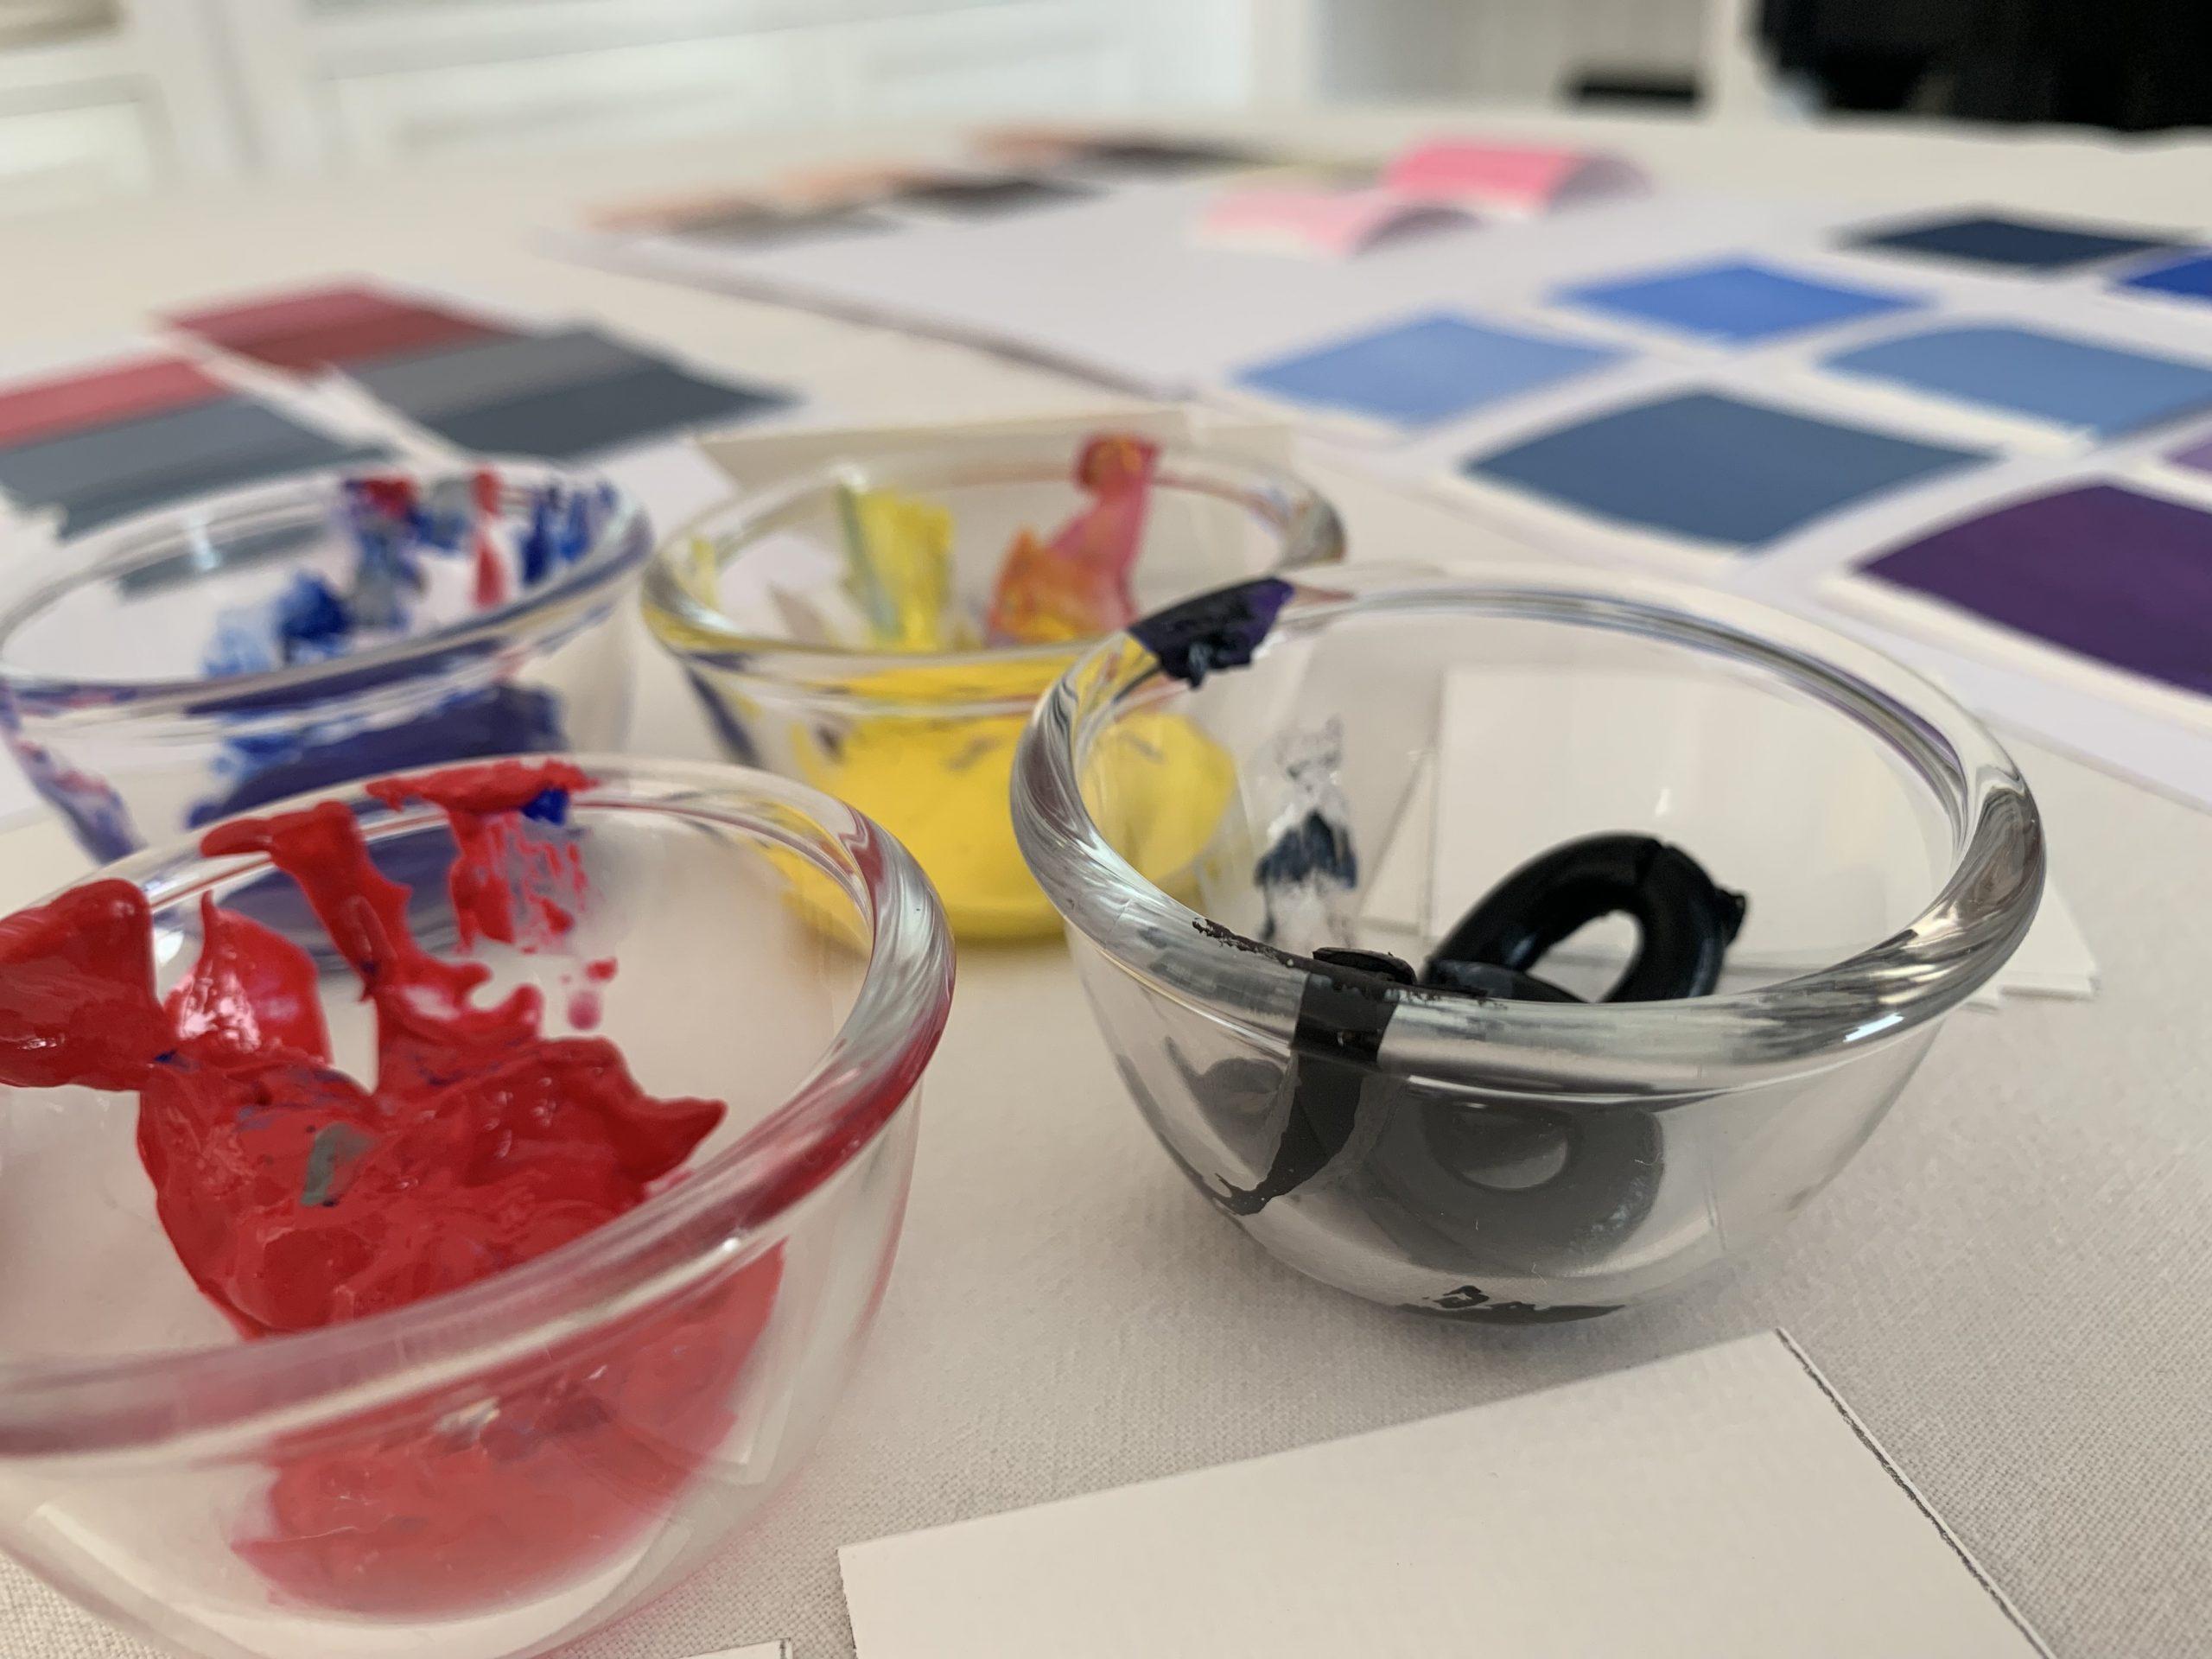 étude de colorimétrie